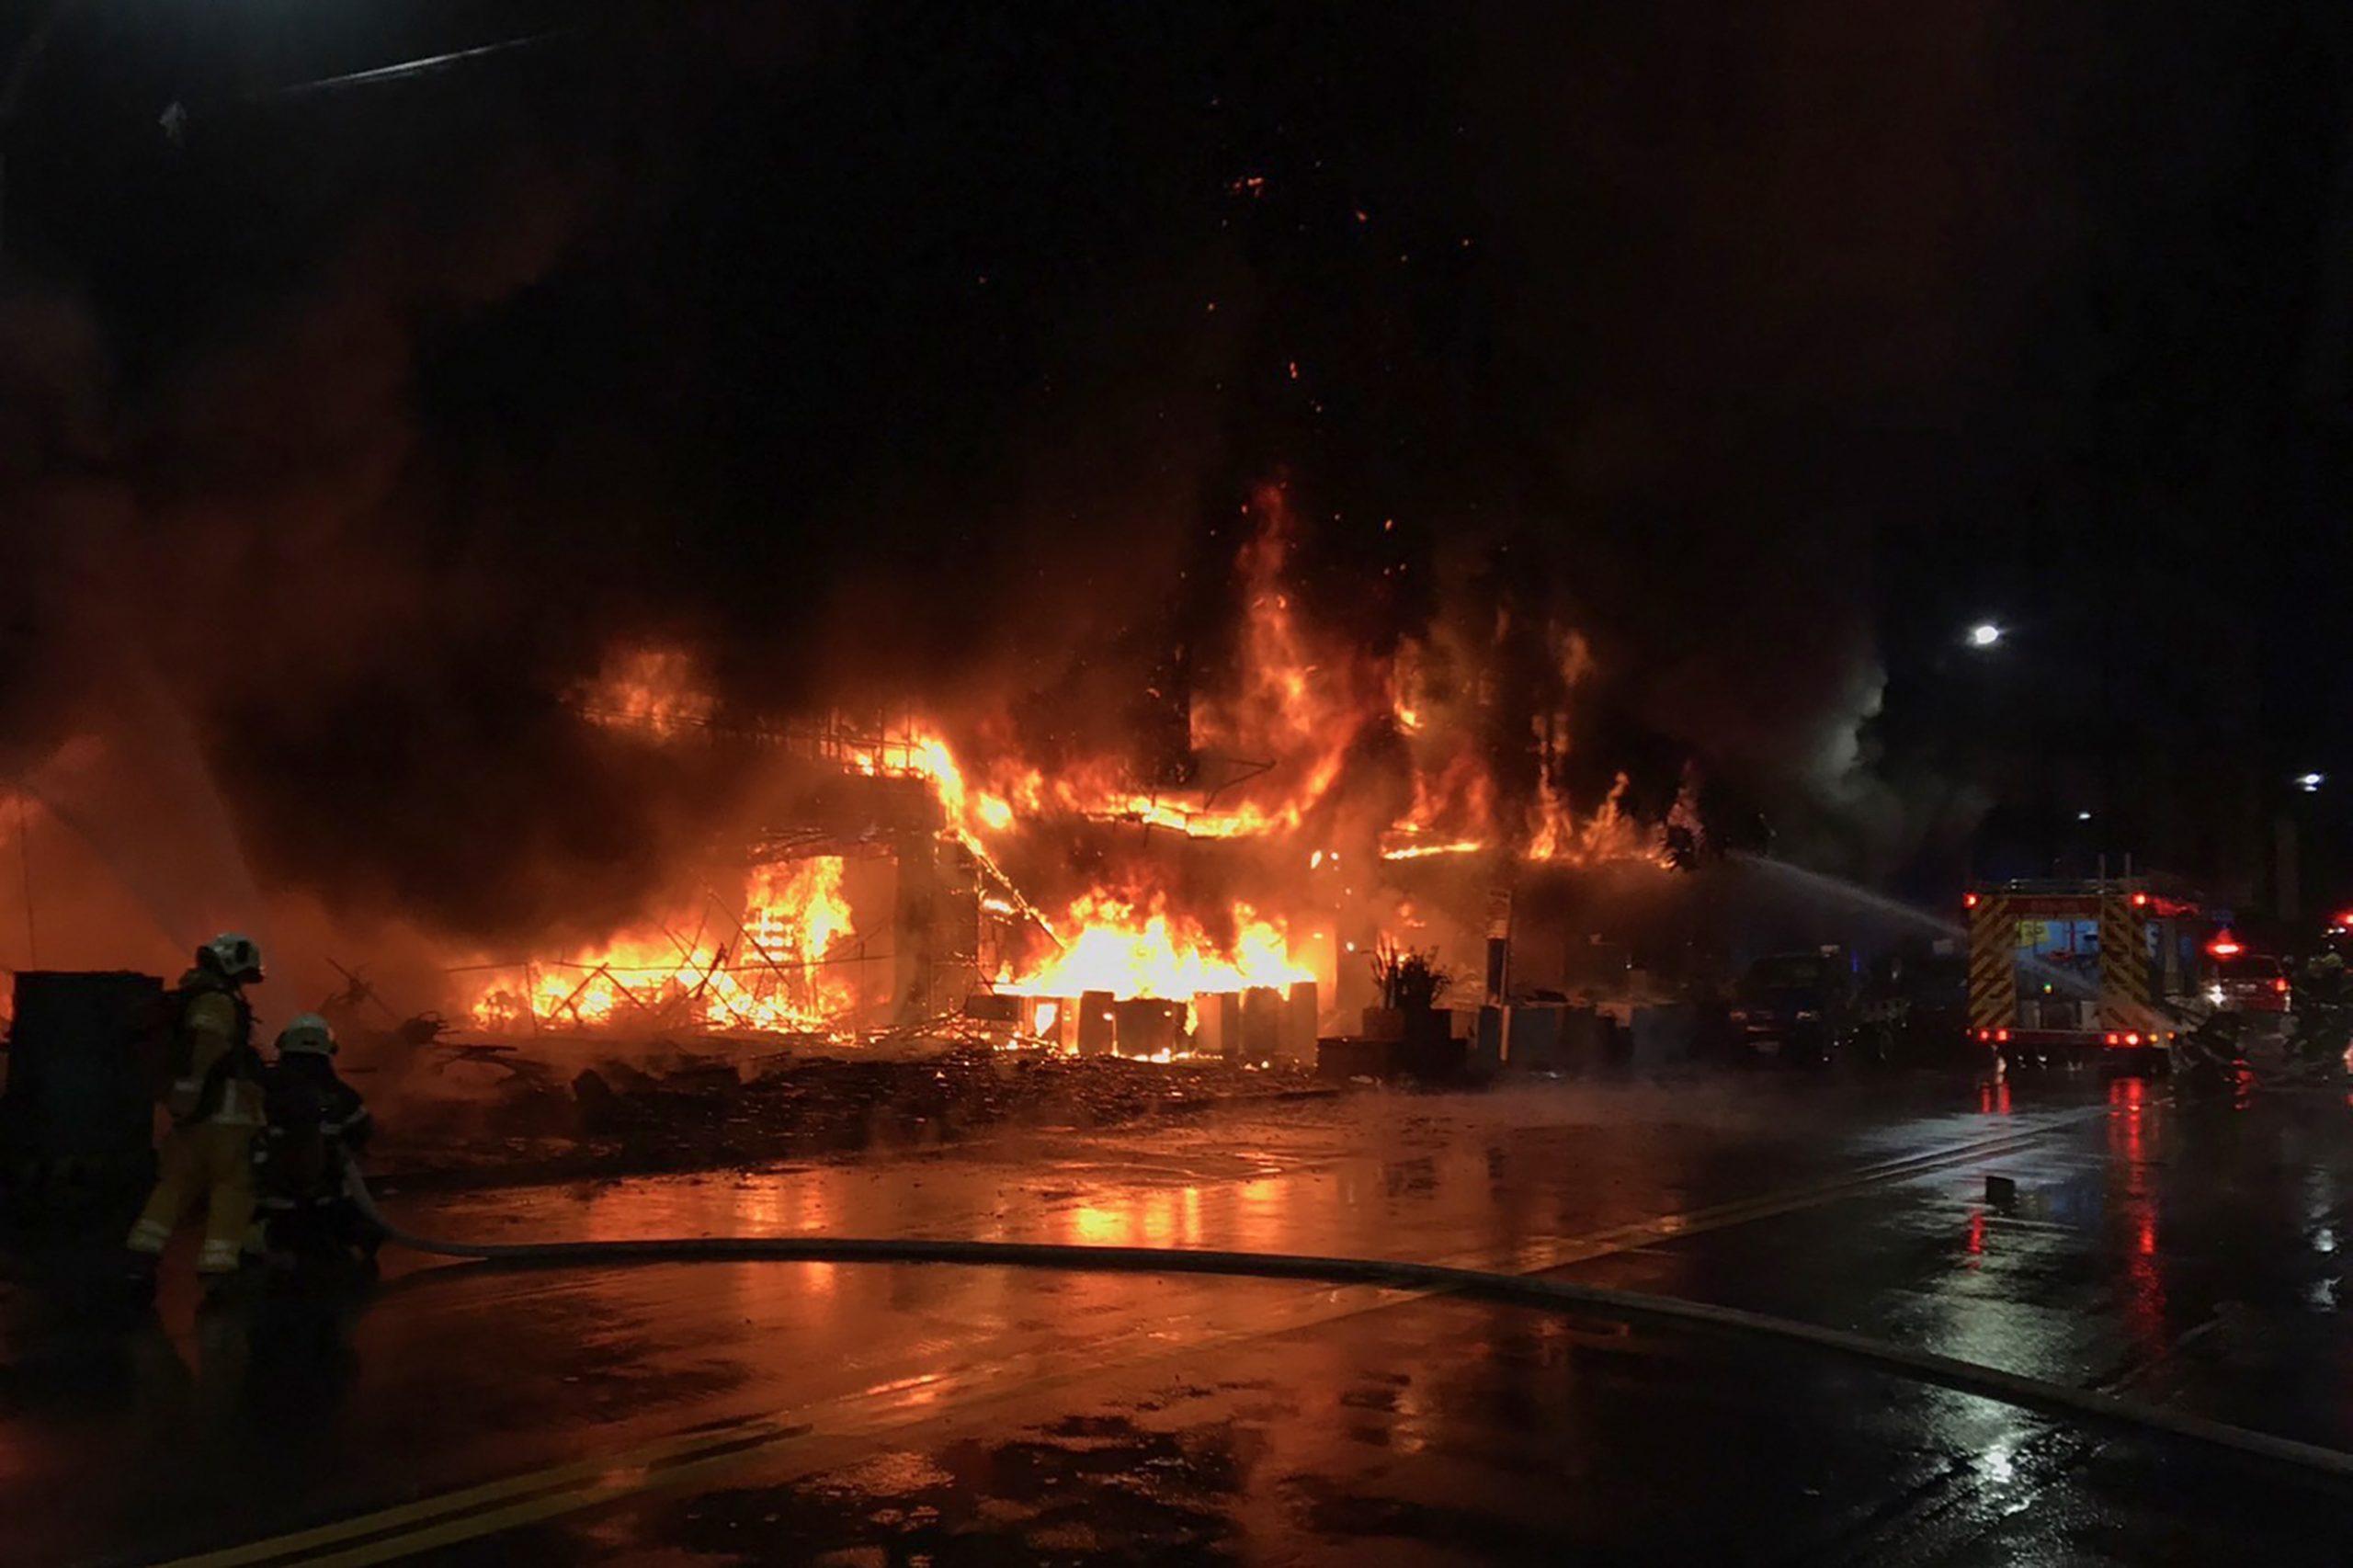 Videos muestran incendio de edificio que mata al menos a 46 personas - Prensa Libre